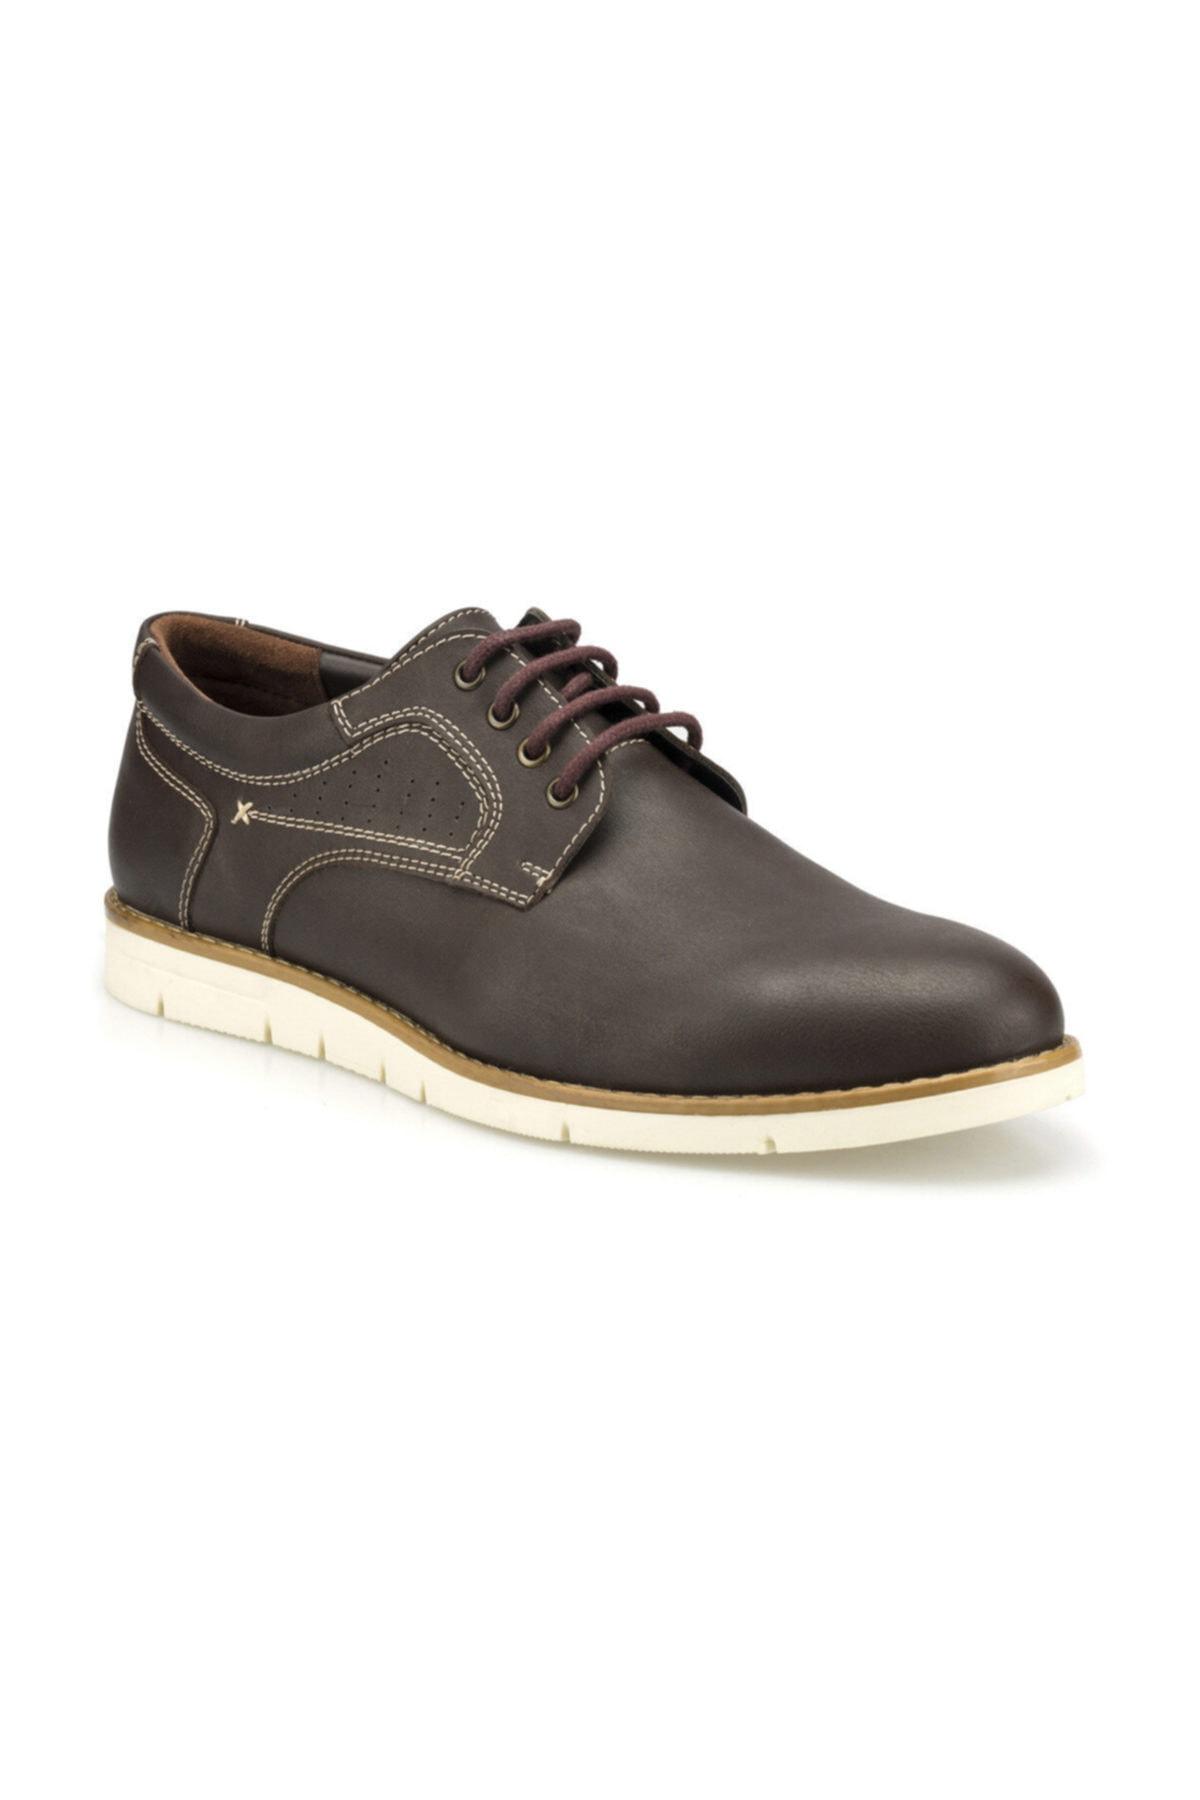 160018.M Kahverengi Erkek Klasik Ayakkabı 100501752